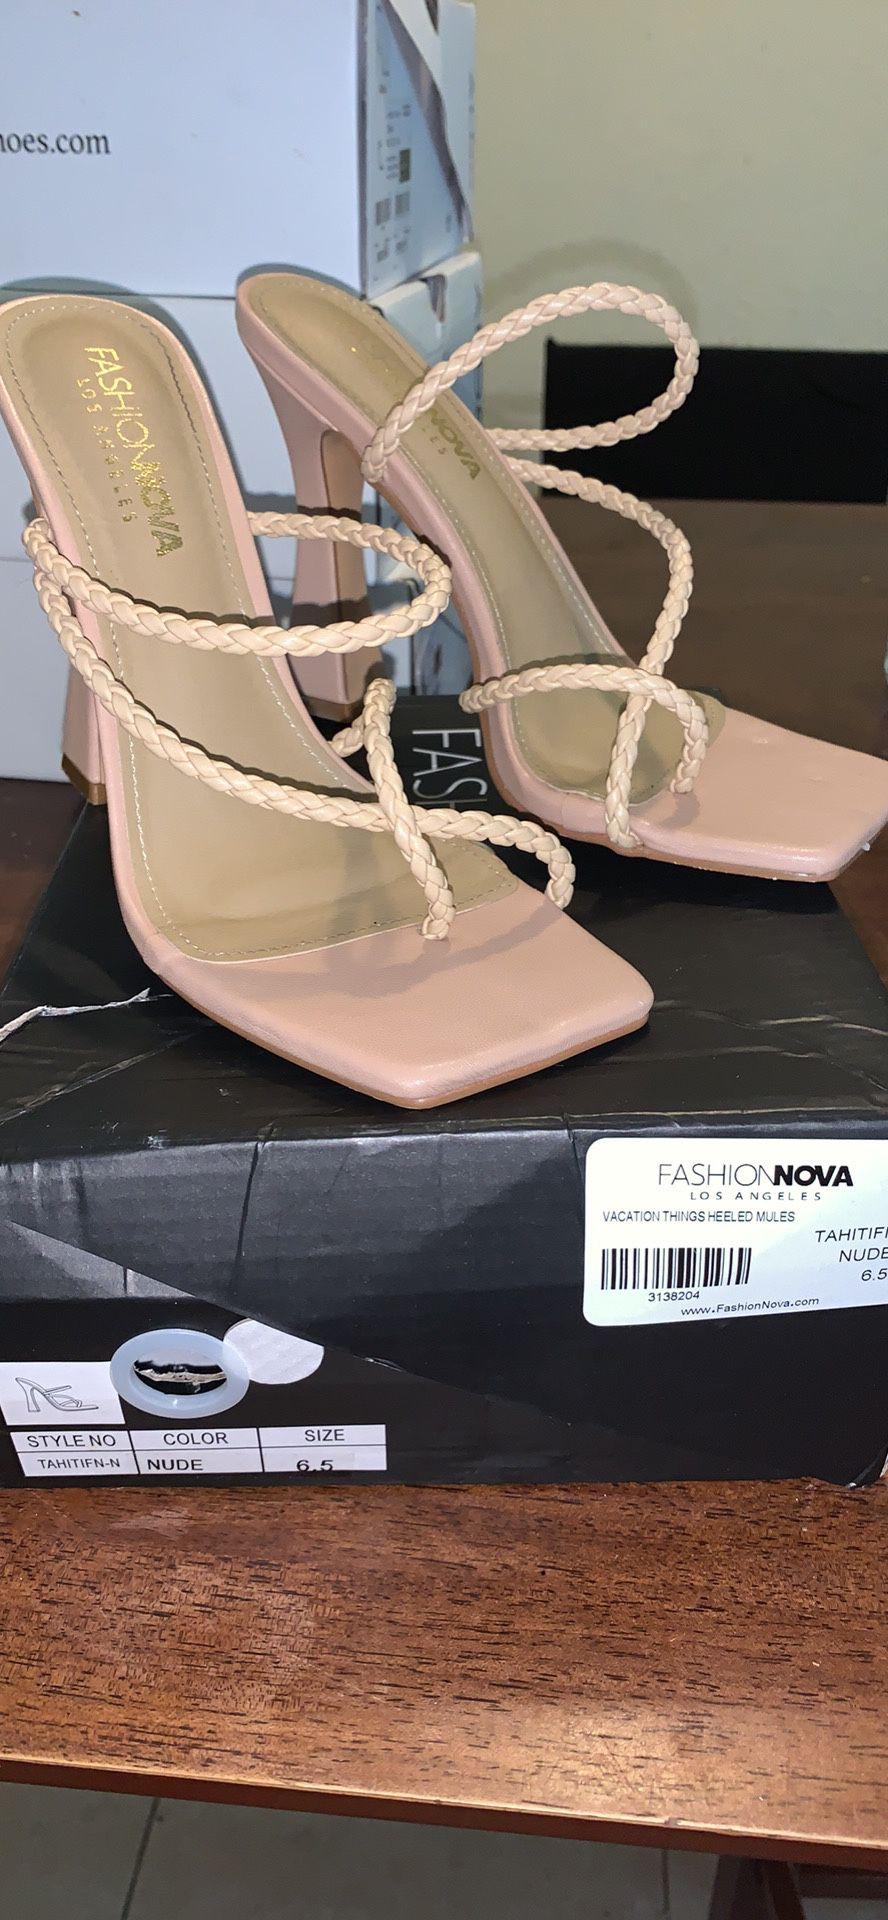 Fashion Nova Nude Open Sandal Heels